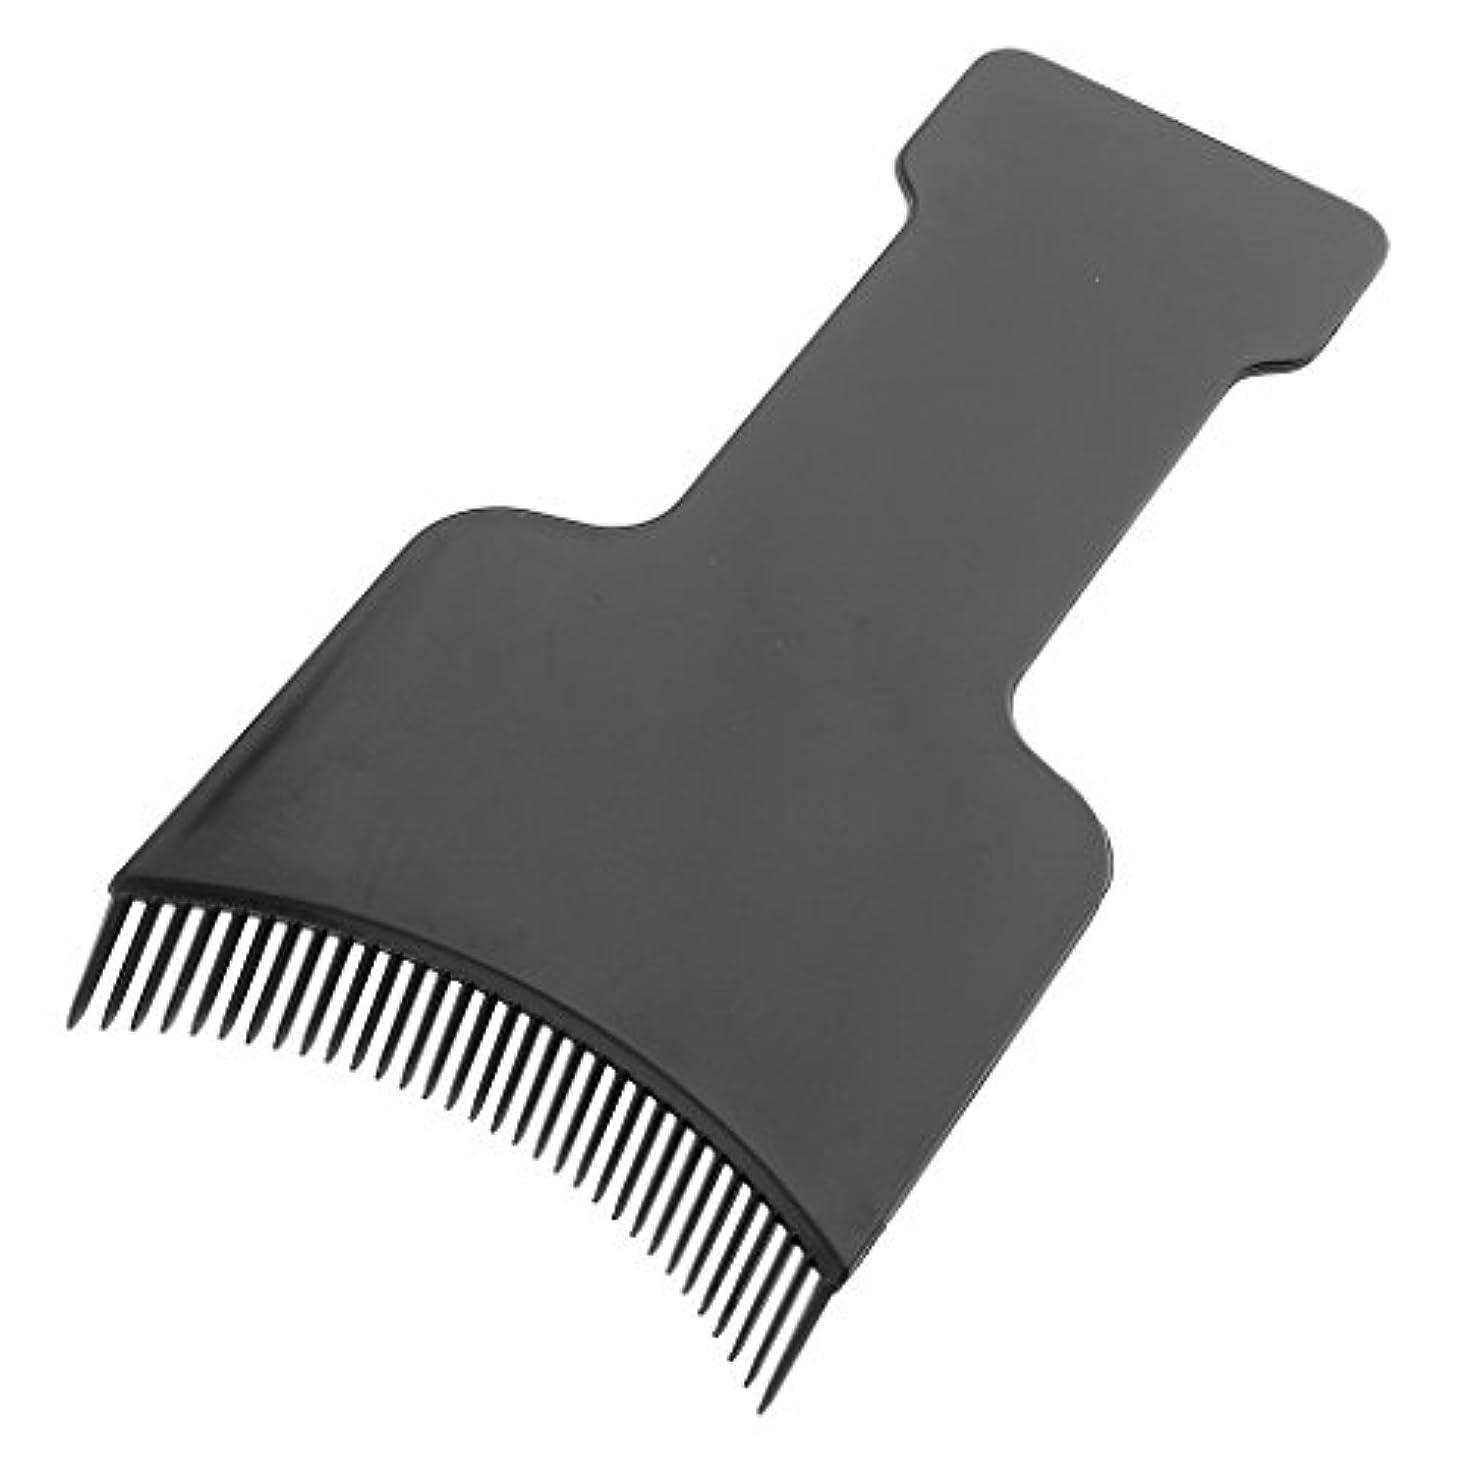 ベンチ美徳気まぐれな染色ティントプレート ヘアカラー ボード 美容 ヘア ツール 髪 保護 ブラック 実用 便利 全4サイズ - S